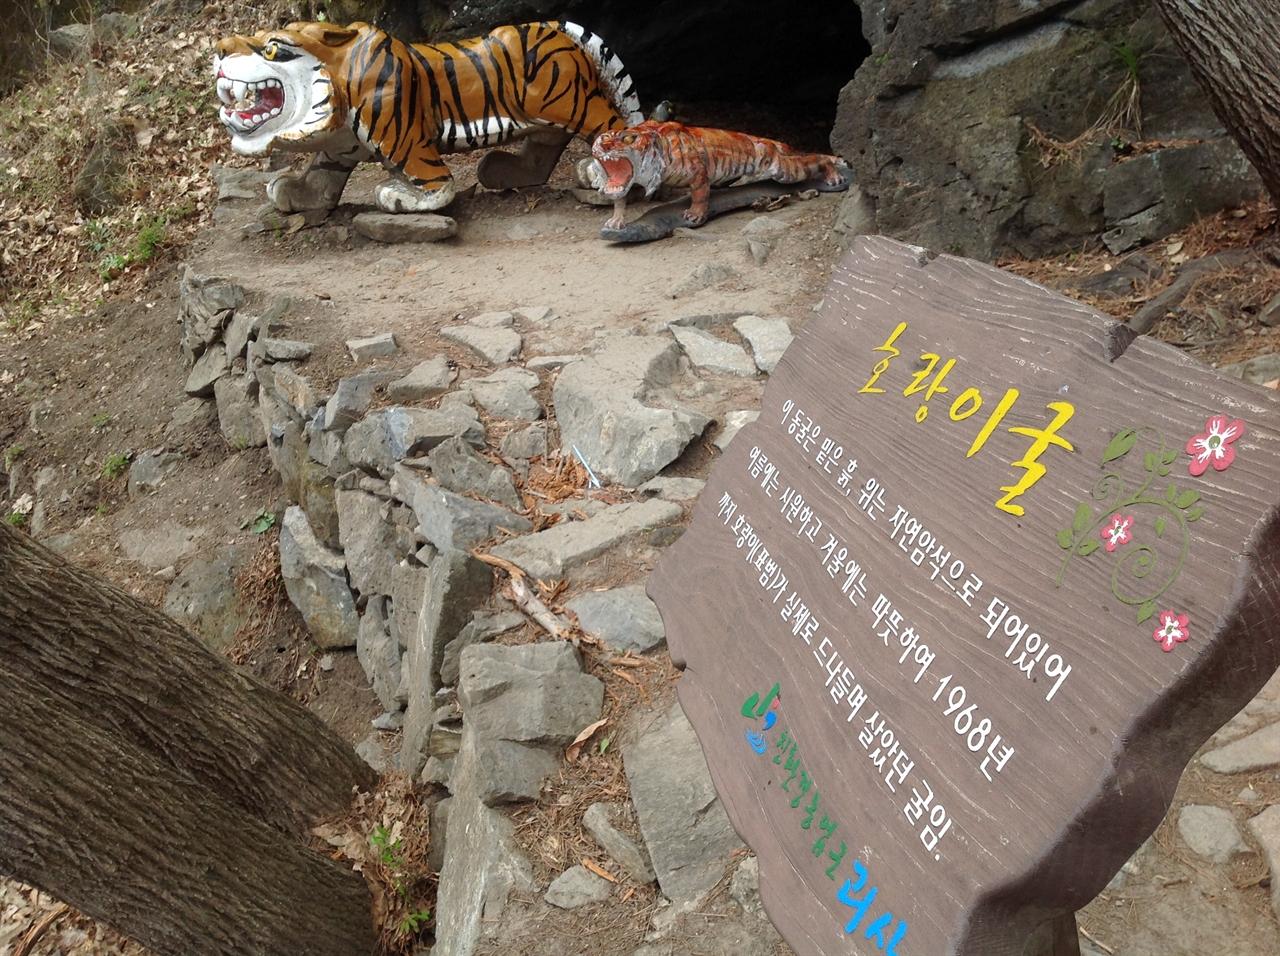 호랑이굴 산막이옛길 산책로에 있는 호랑이굴